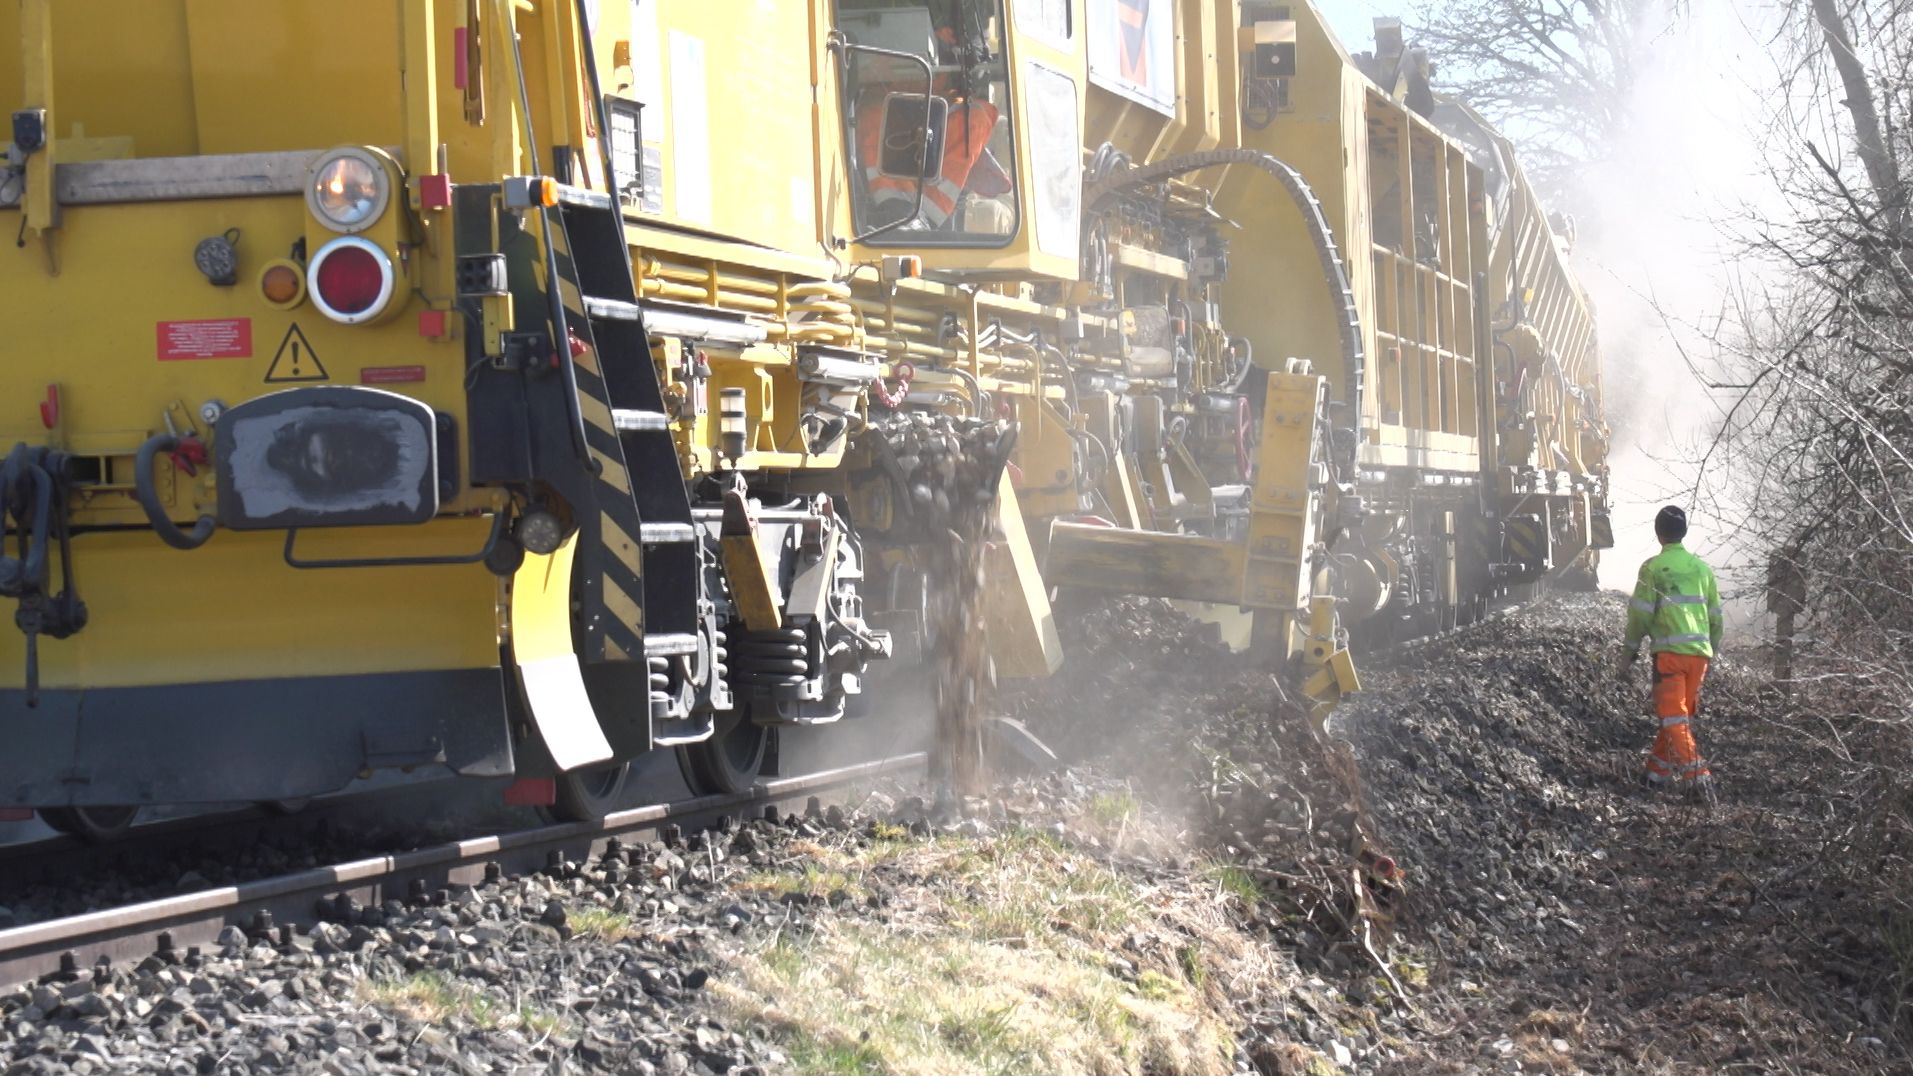 Gleisstopfmaschine in Wilburgstetten im Einsatz